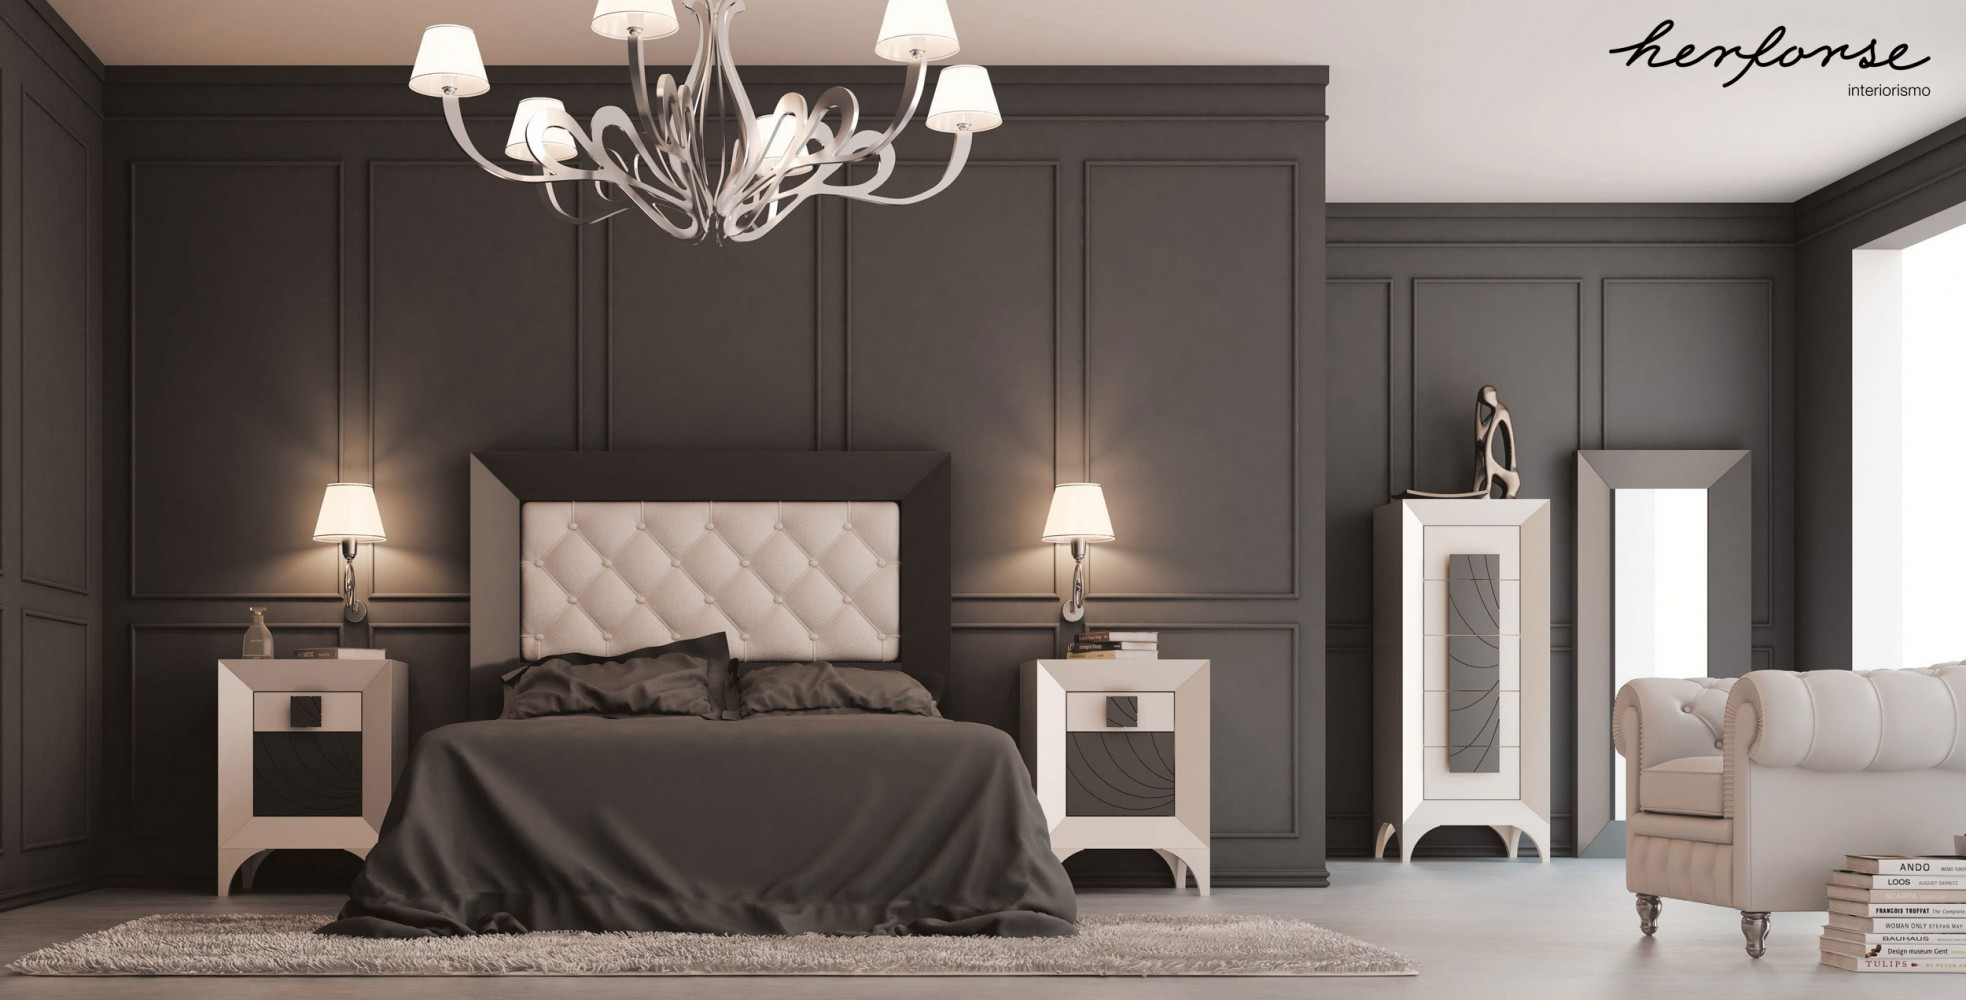 alta decoracionclasico  Dormitorios  HERFORSEinteriorismo